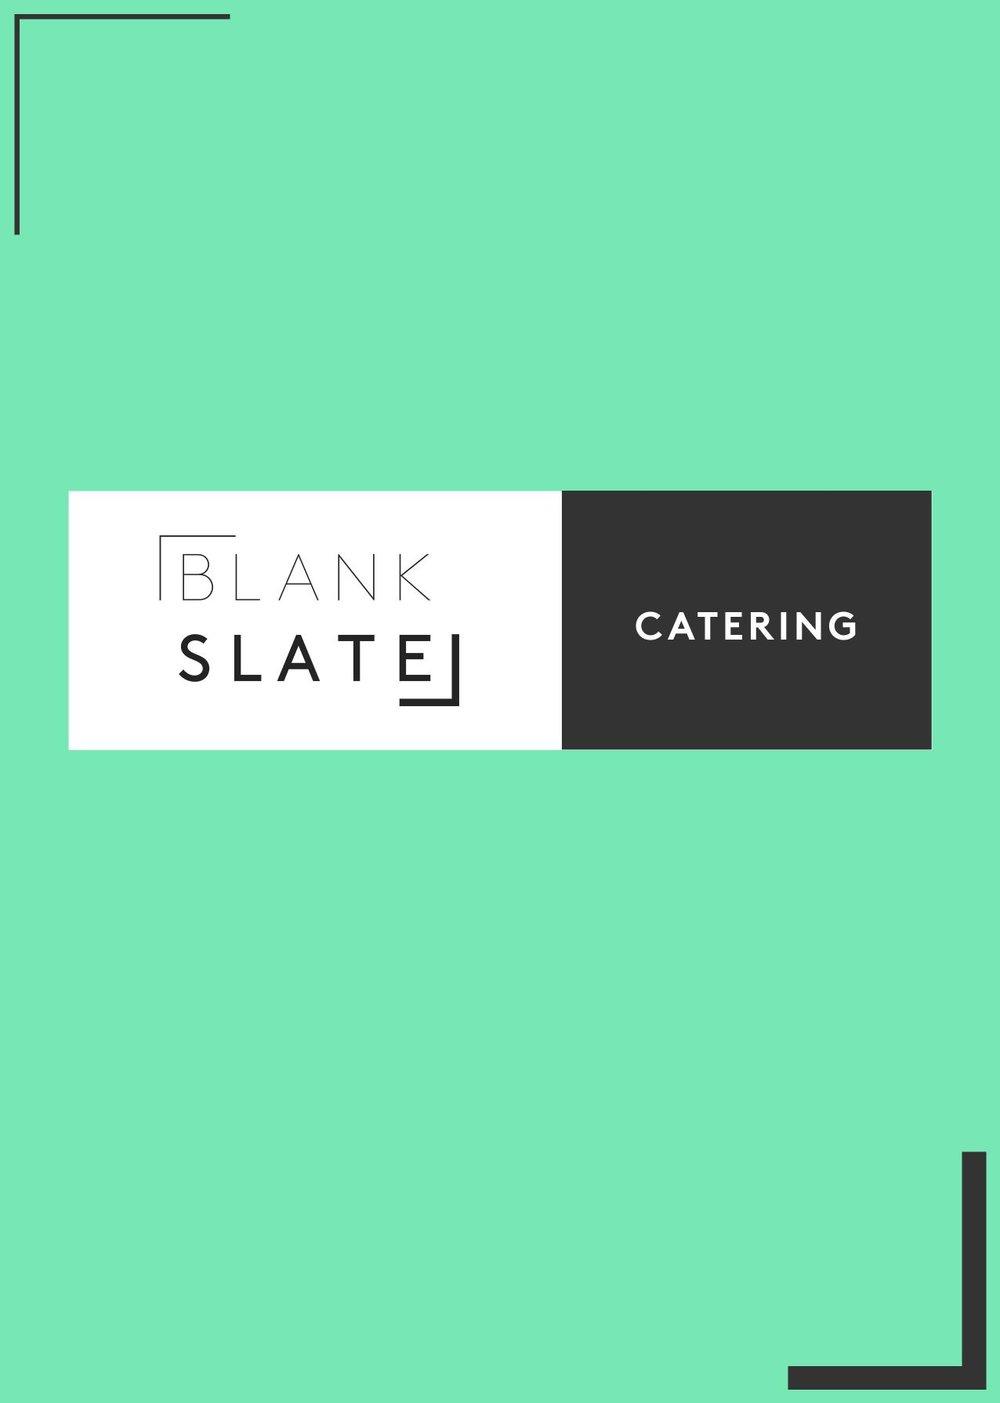 Blank Slate Catering Menu_Page_1.jpg